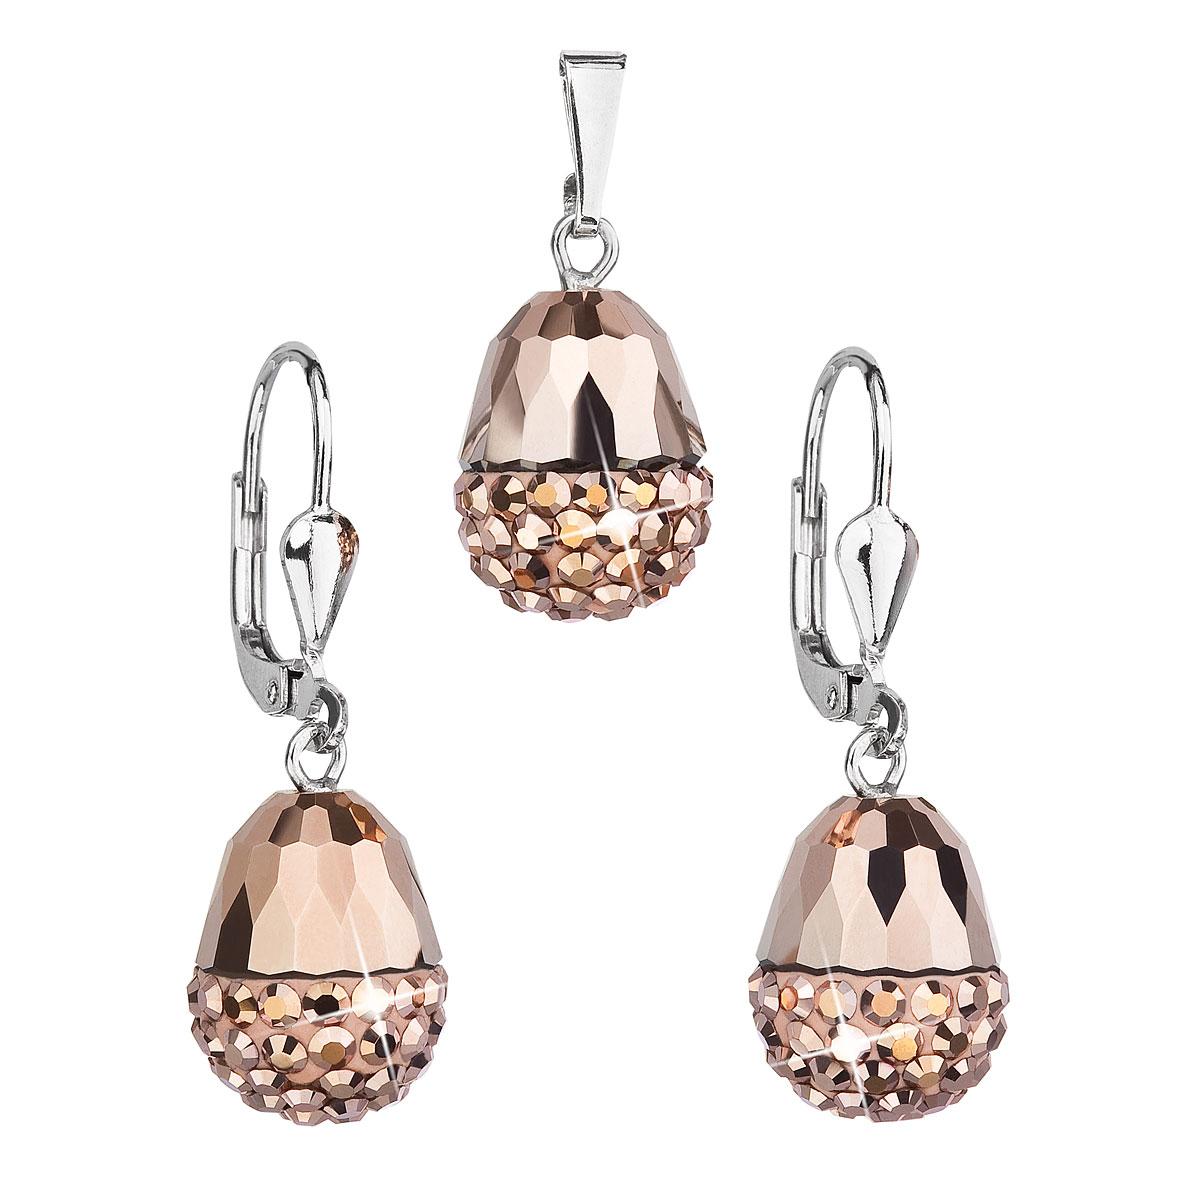 Sada šperkov s krištáľmi Swarovski náušnice a prívesok ružový ovál 39127.5